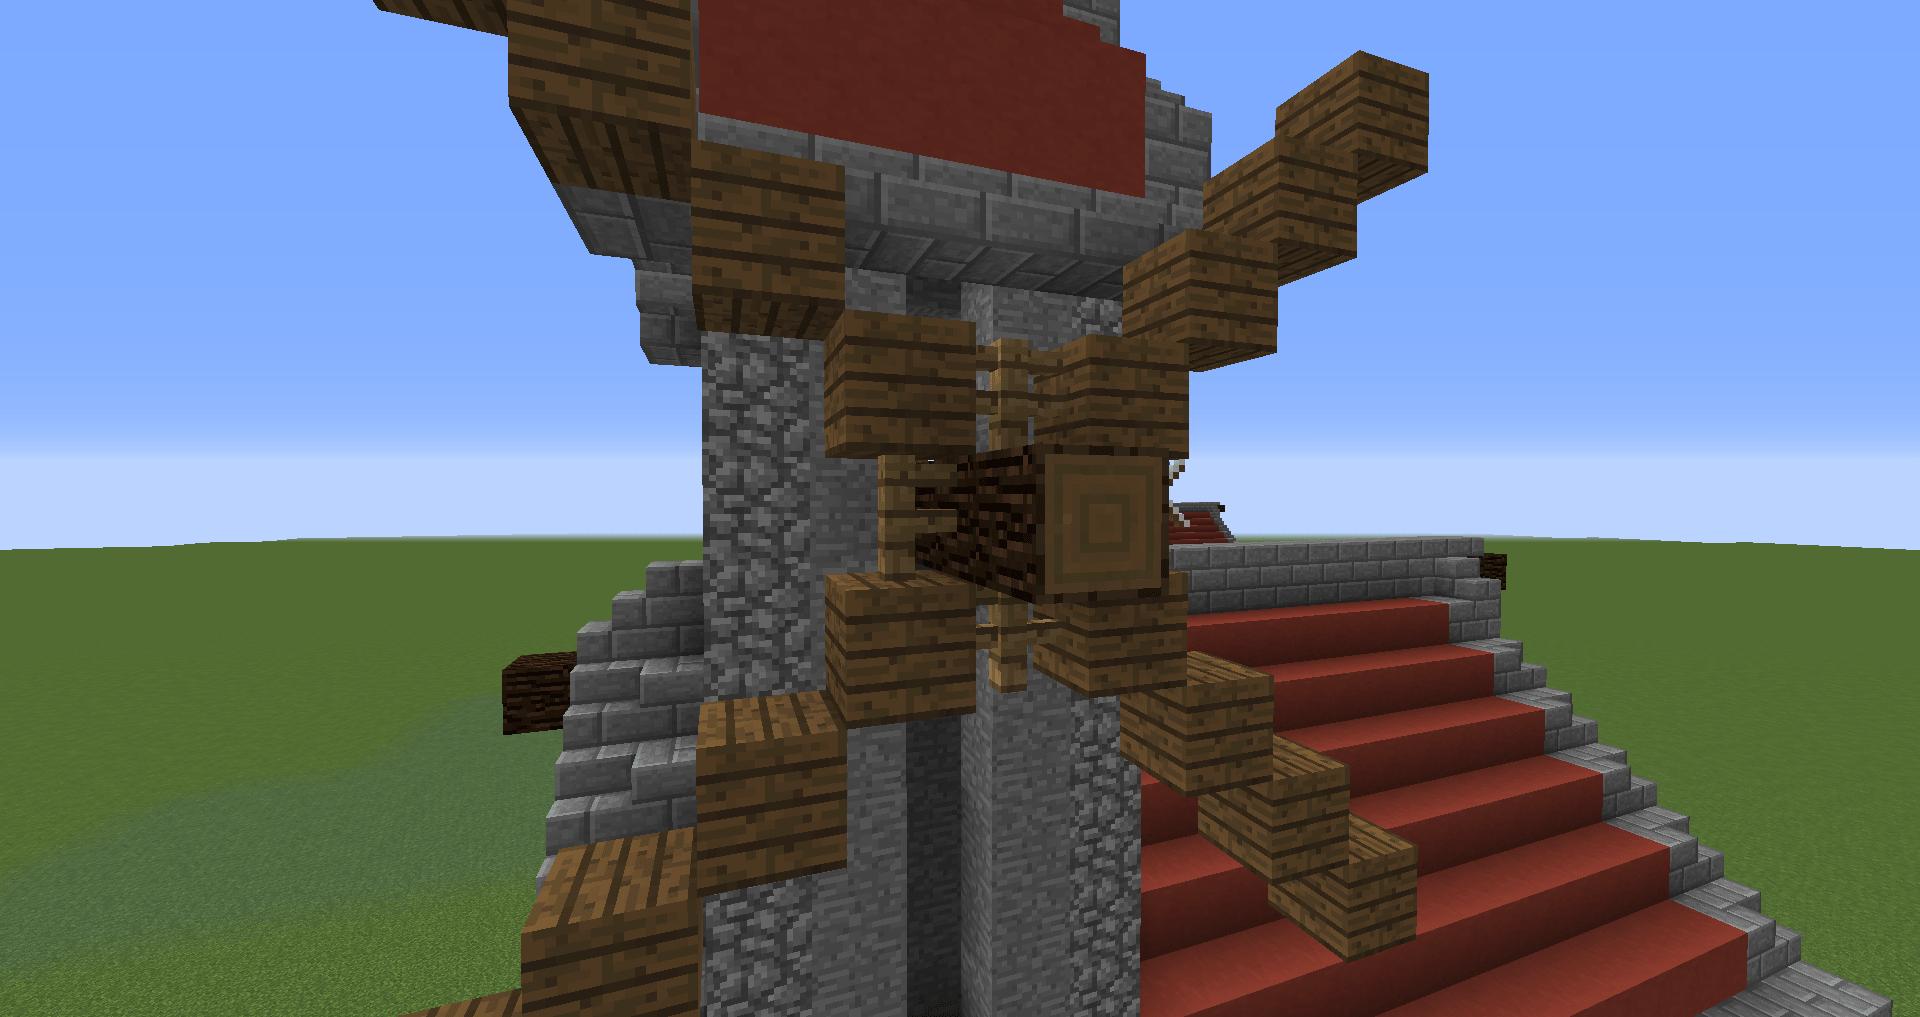 マインクラフト 風車小屋の作り方 簡単建築38